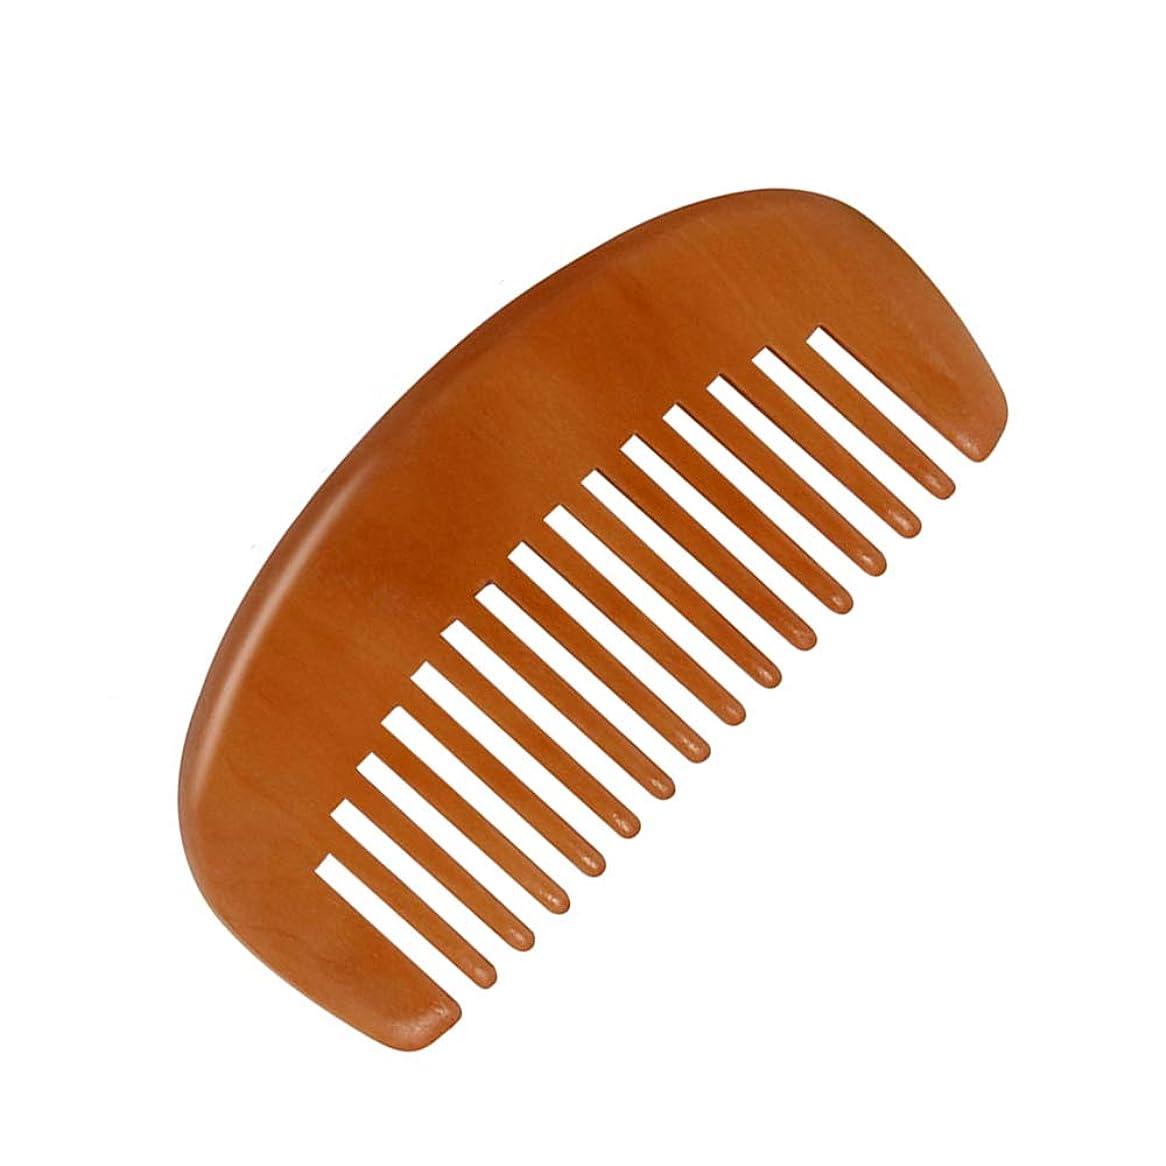 忌み嫌う色合いシェフヘアーコーム アンチスタティックマッサージコーム、ナチュラルピーチウッドコーム、エアバッグマッサージコーム男性と女性のための 理髪の櫛